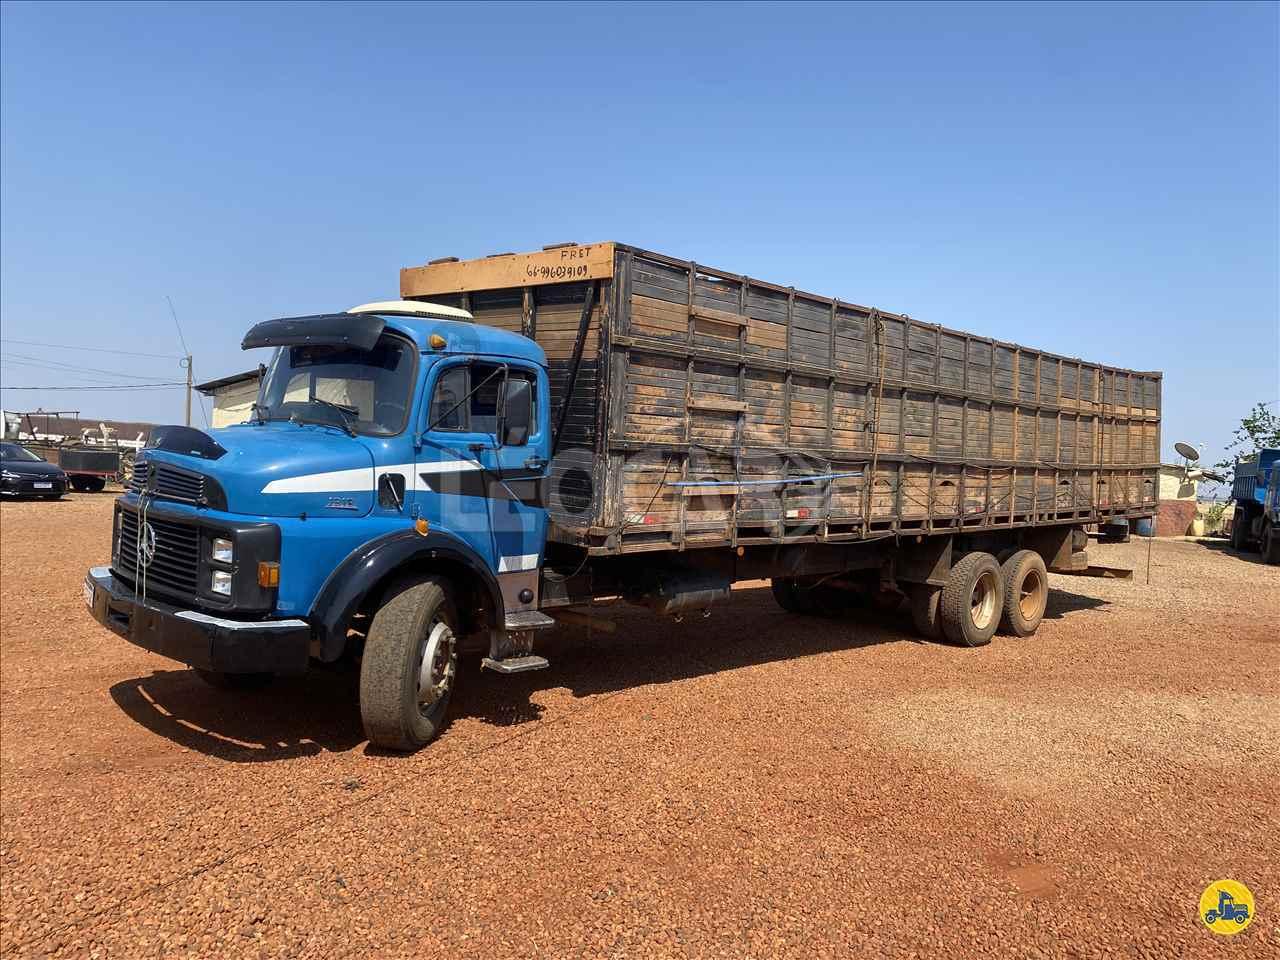 CAMINHAO MERCEDES-BENZ MB 1313 Boiadeiro Truck 6x2 Leocar Caminhões PRIMAVERA DO LESTE MATO GROSSO MT